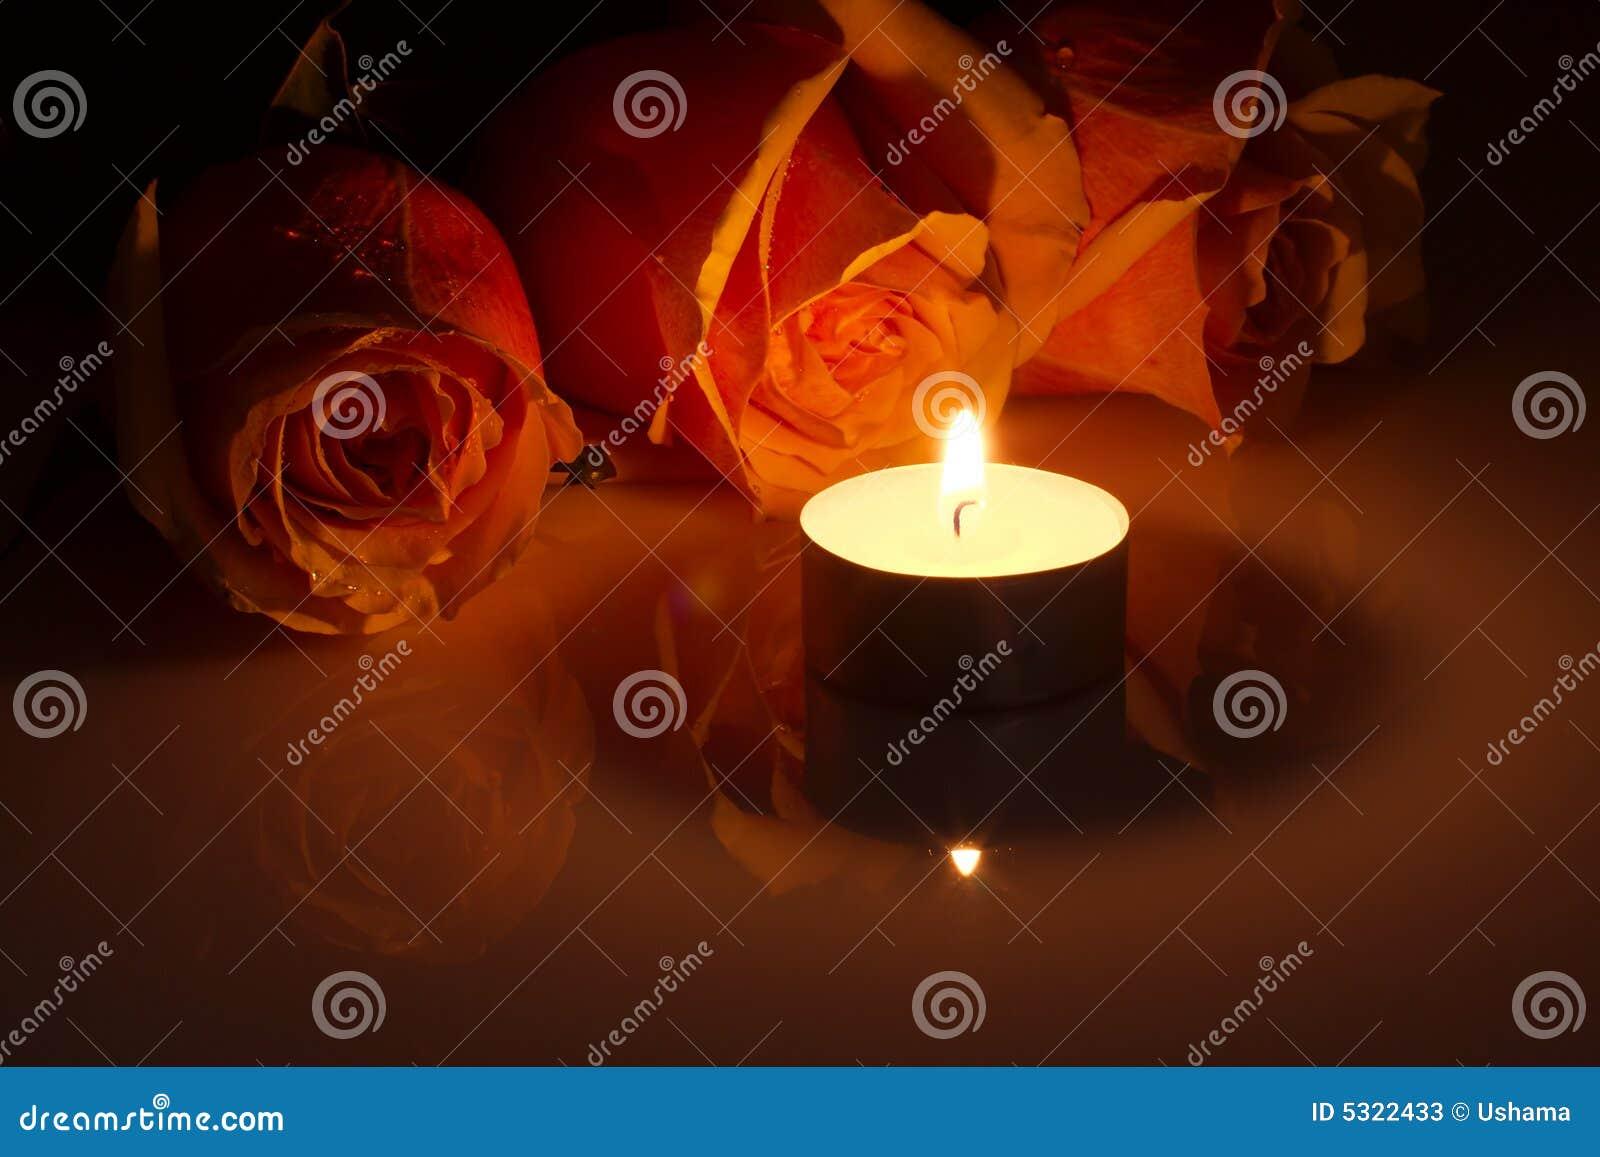 Download Romantico: Rose Arancioni Nel Lume Di Candela Immagine Stock - Immagine di bruciarsi, scuro: 5322433